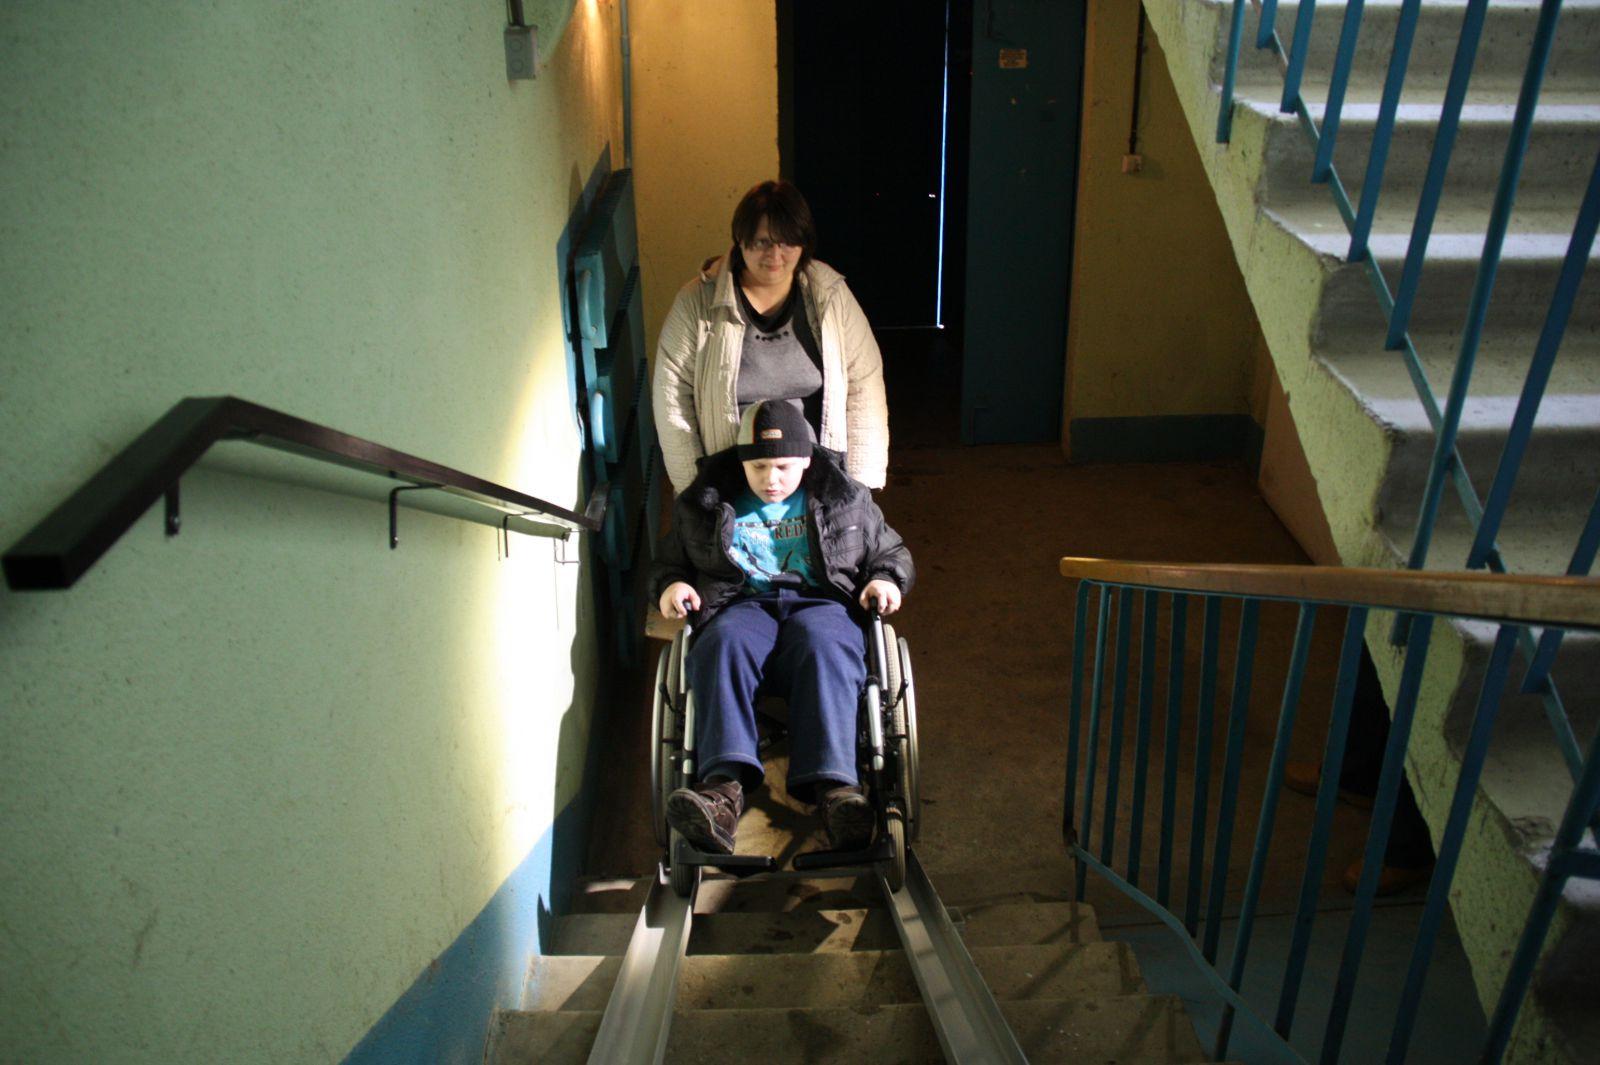 Жилье детям инвалидам: как получить квартиру ребенку-инвалиду, условия и документы